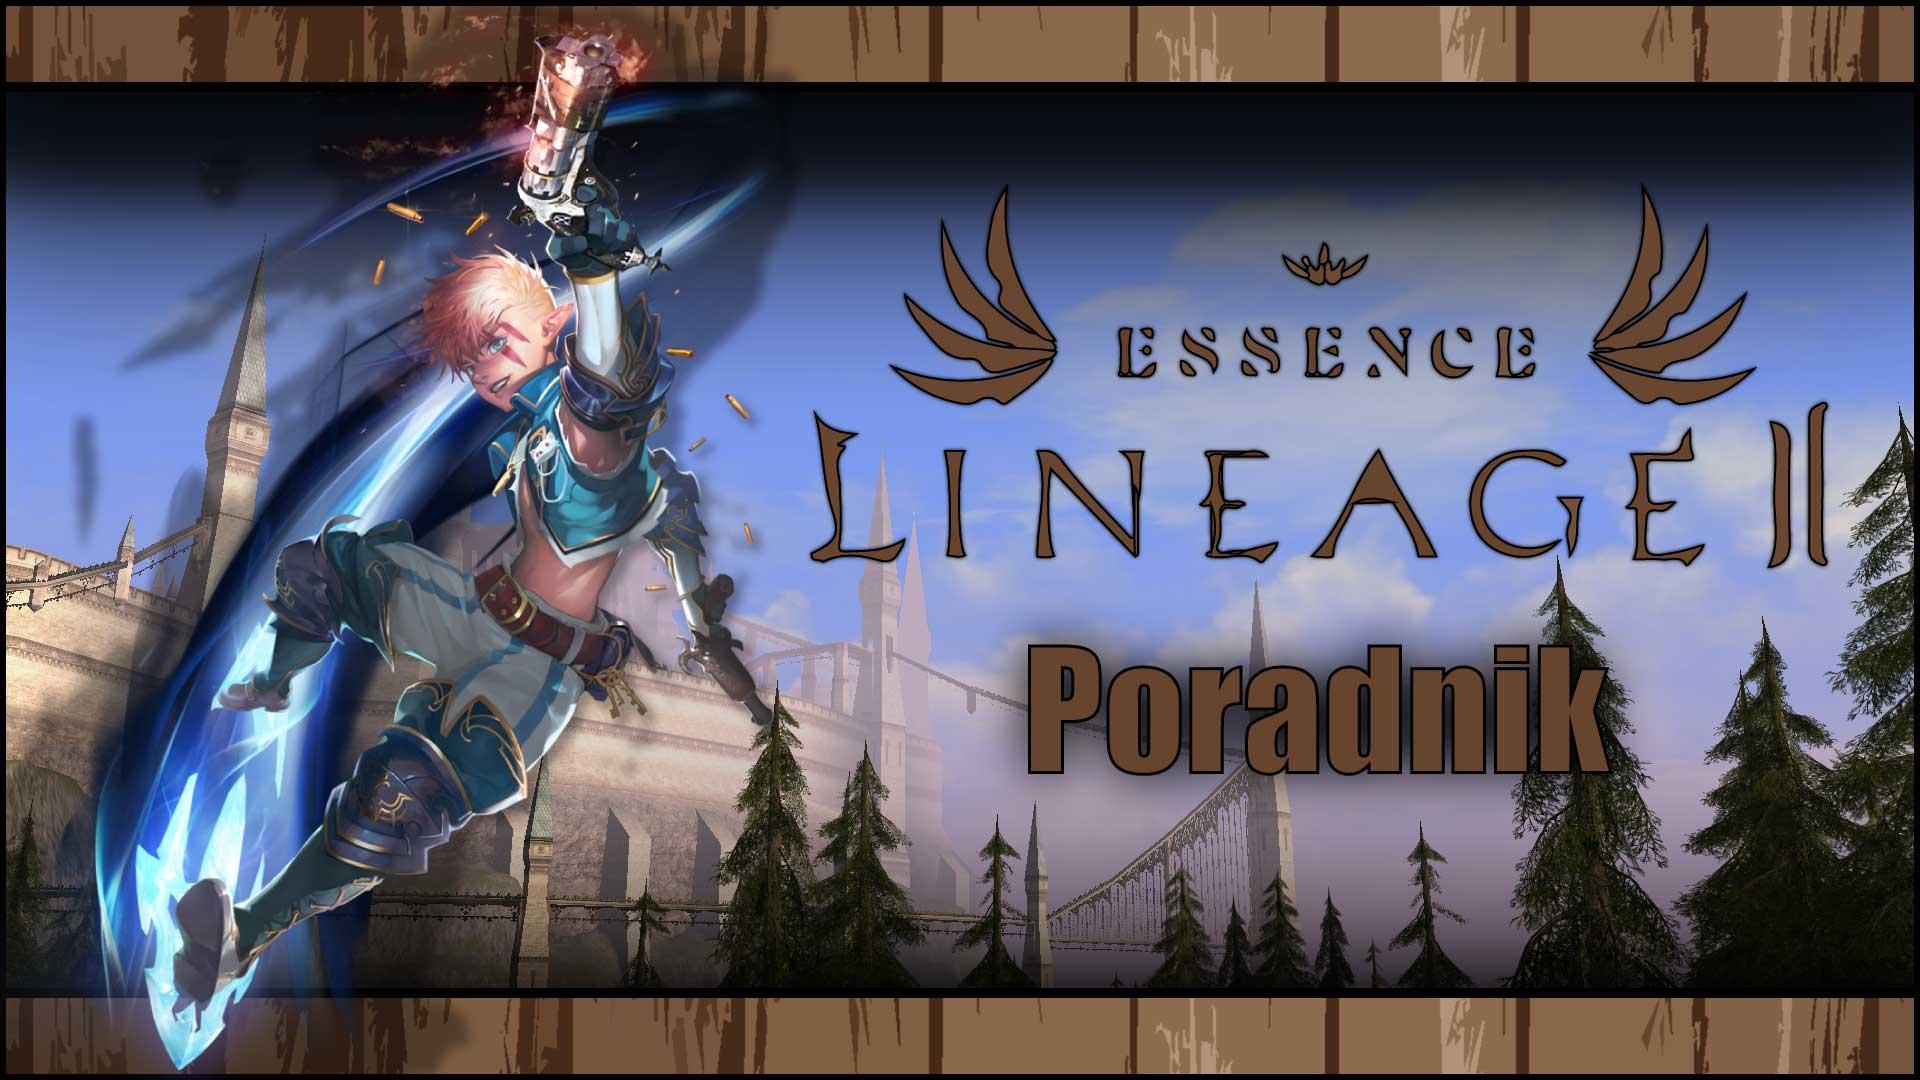 Lineage 2 Essence – Poradnik dla początkujących, porady